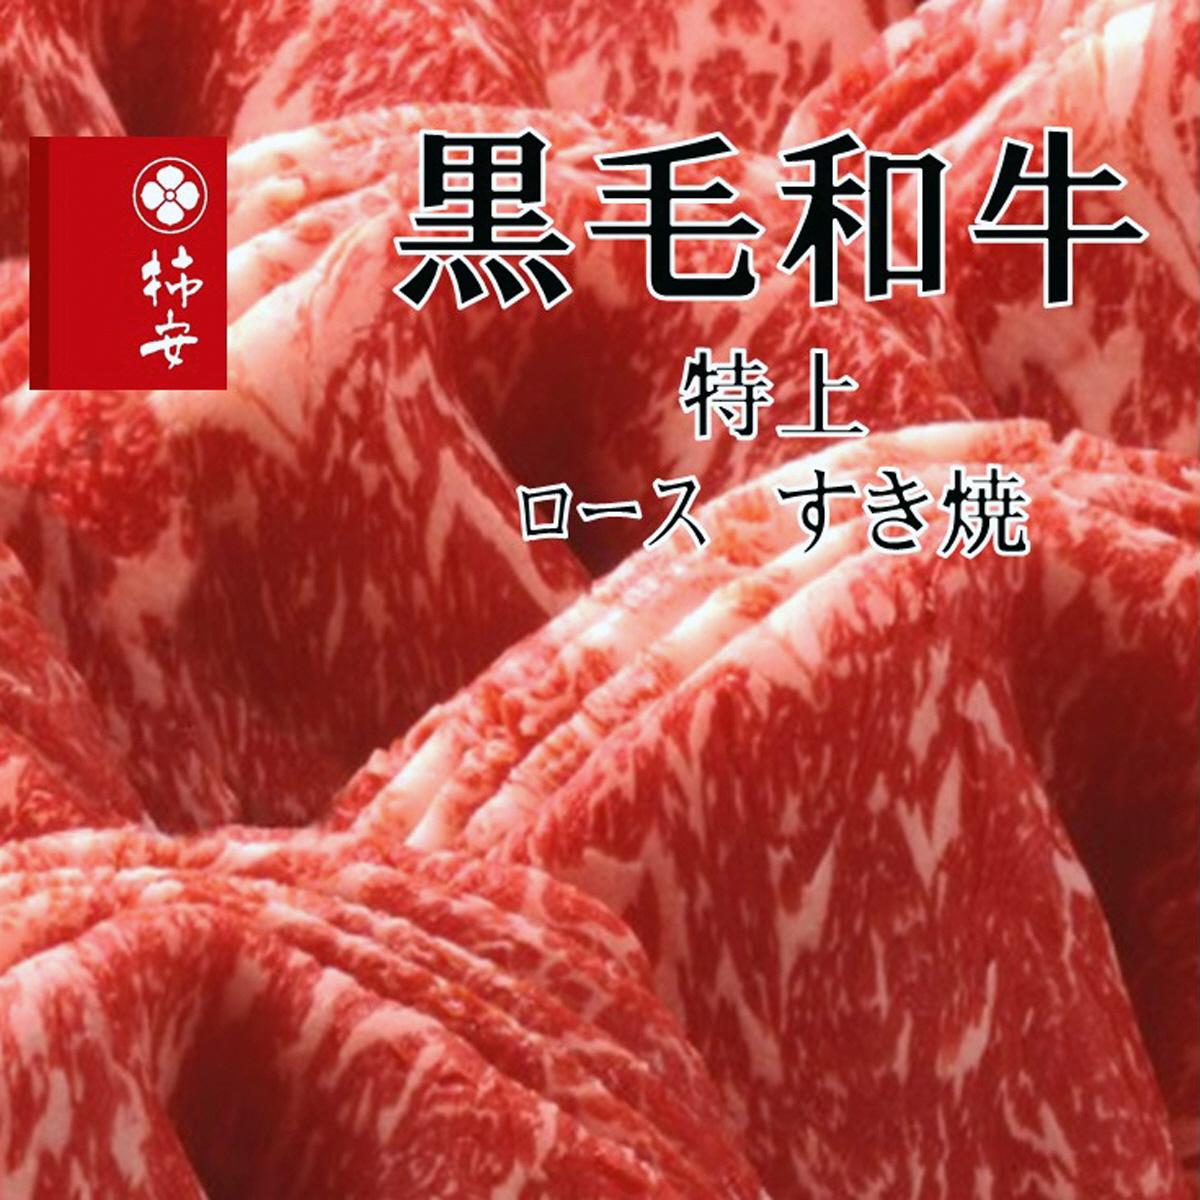 【ふるさと納税】 柿安本店 黒毛和牛ロースすき焼 切りおとし500g